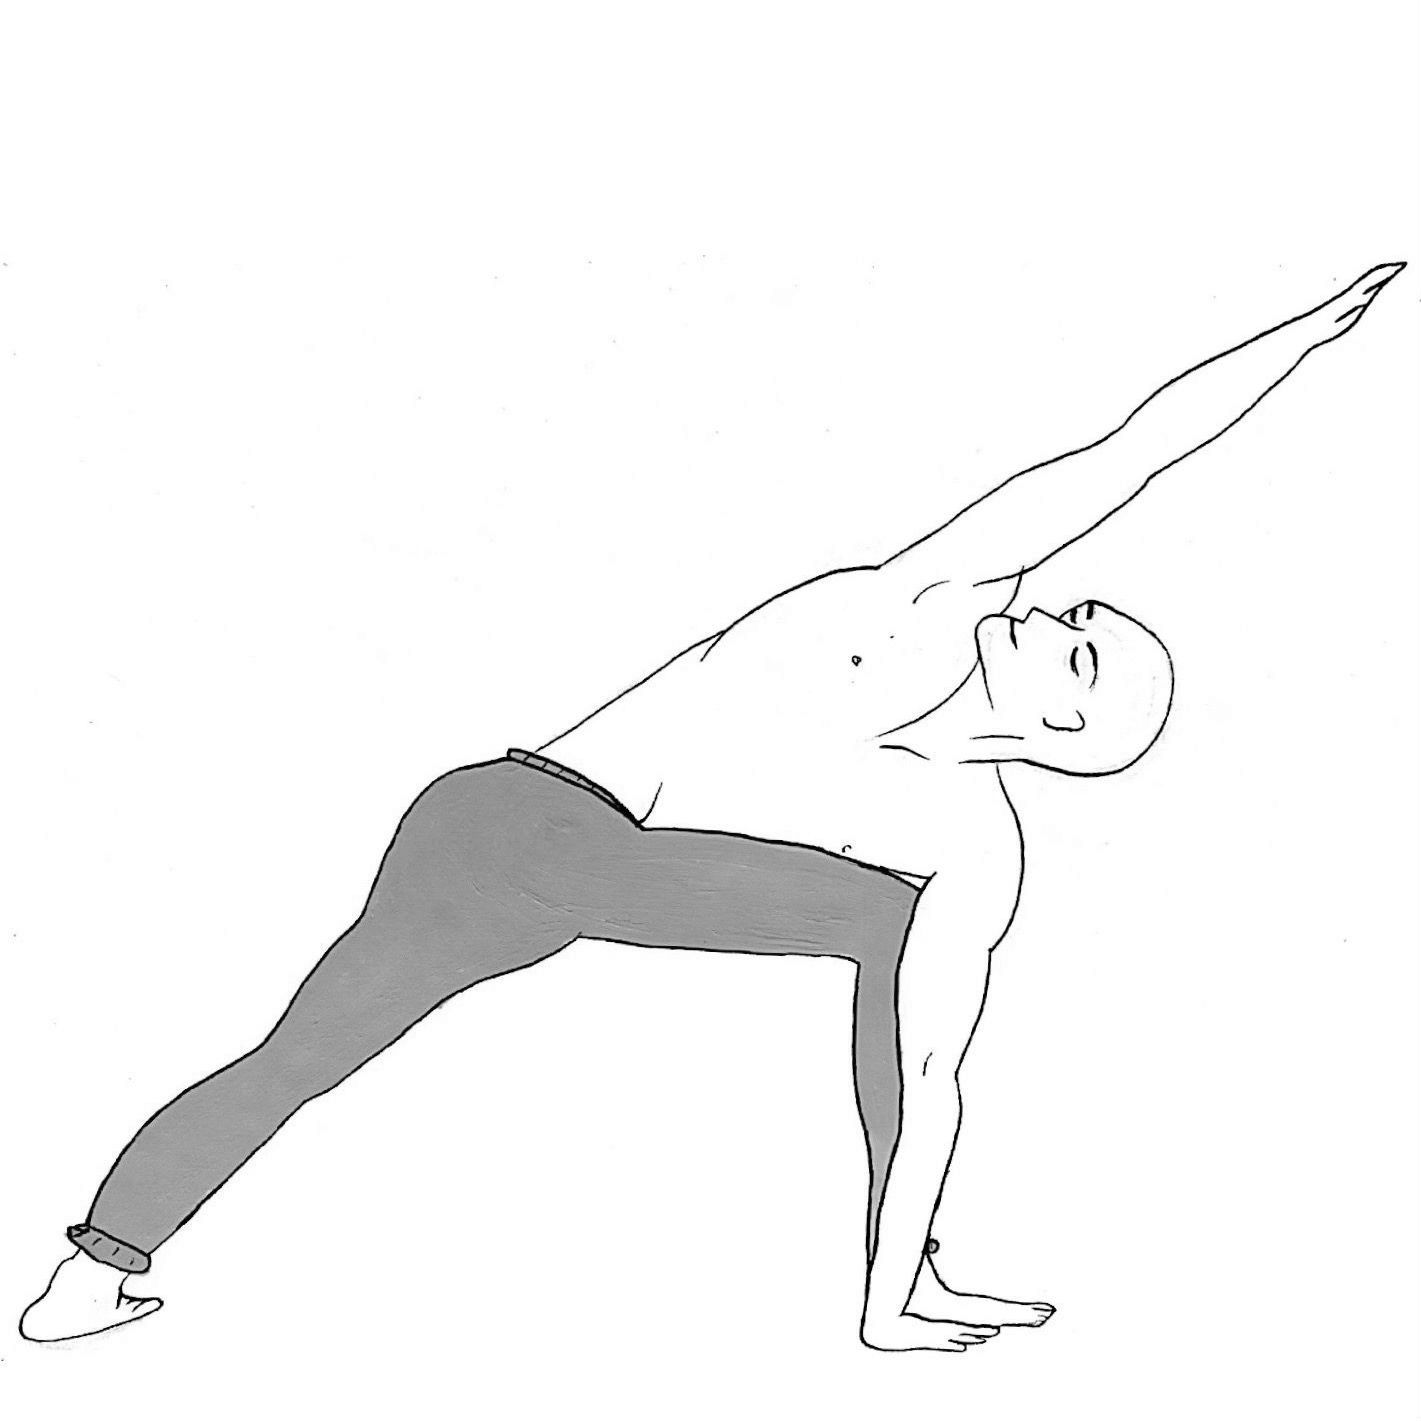 Revolved Extended Side Angle - Parivritti Parsvakonasana